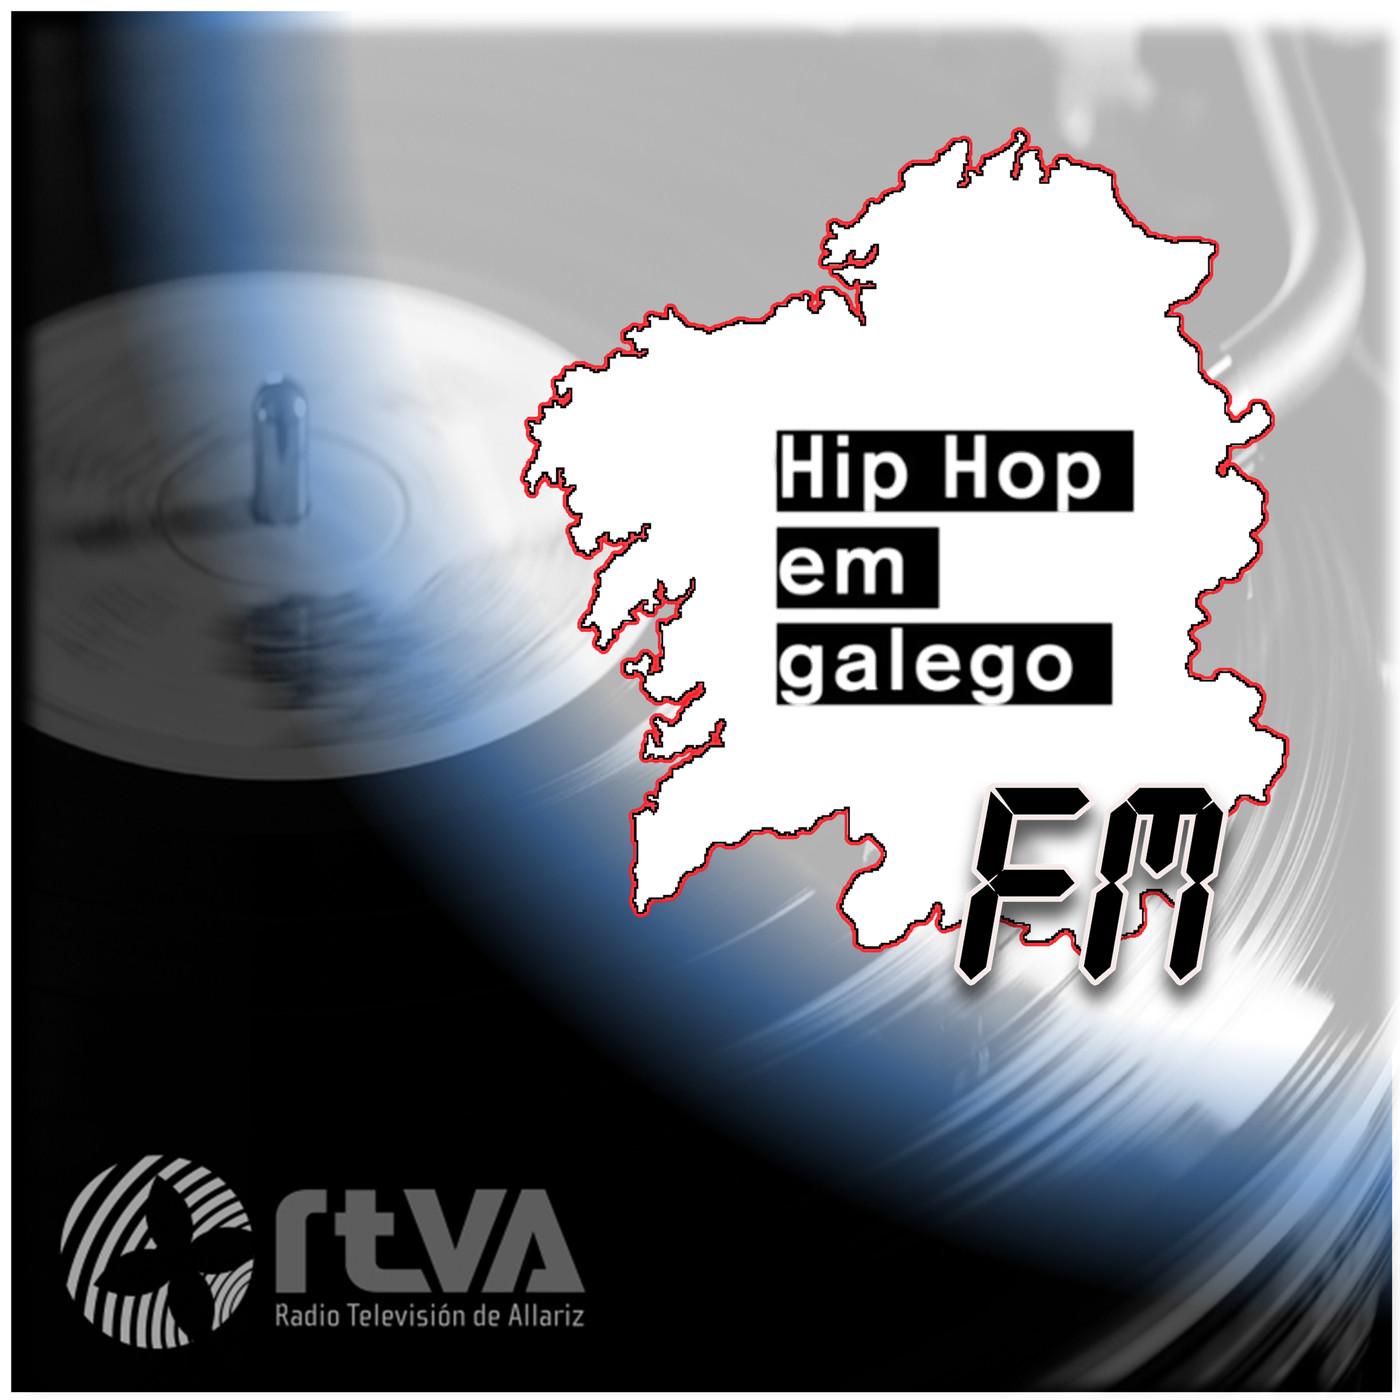 Hip Hop em Galego FM